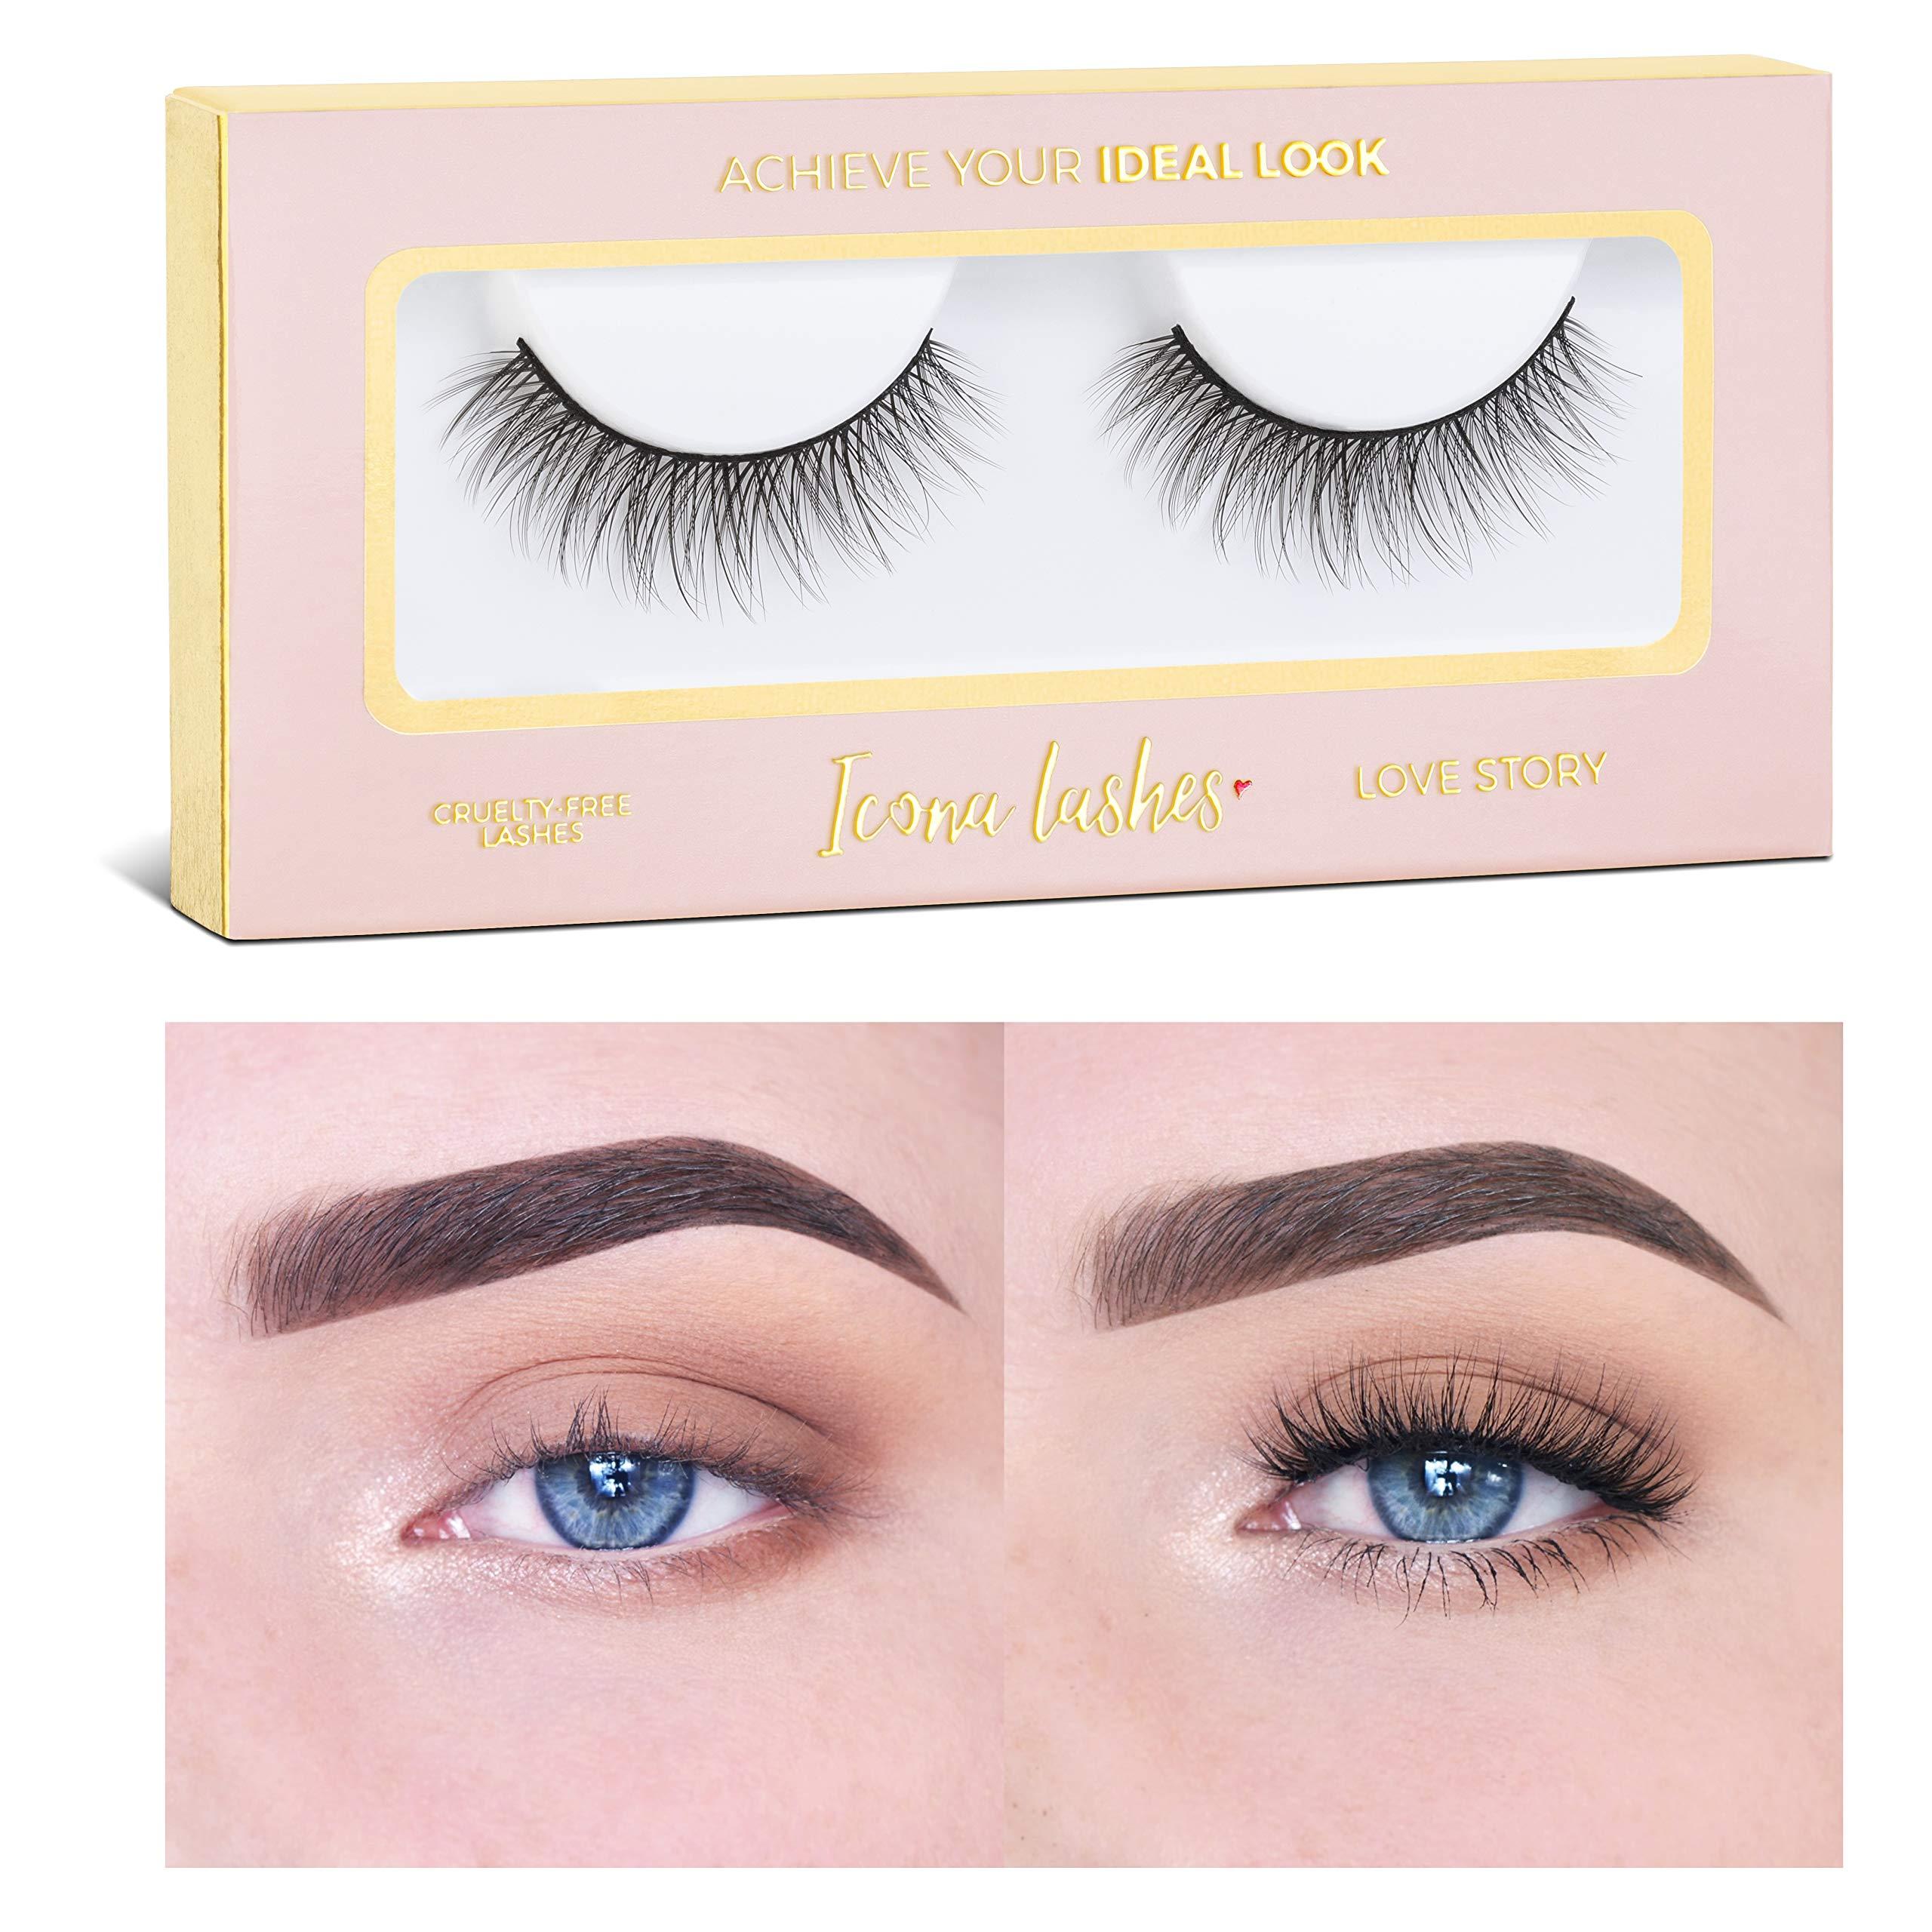 9982c4abf36 Icona Lashes Premium Quality False Eyelashes | Love Story | Fluffy and  Universal for All Eyes